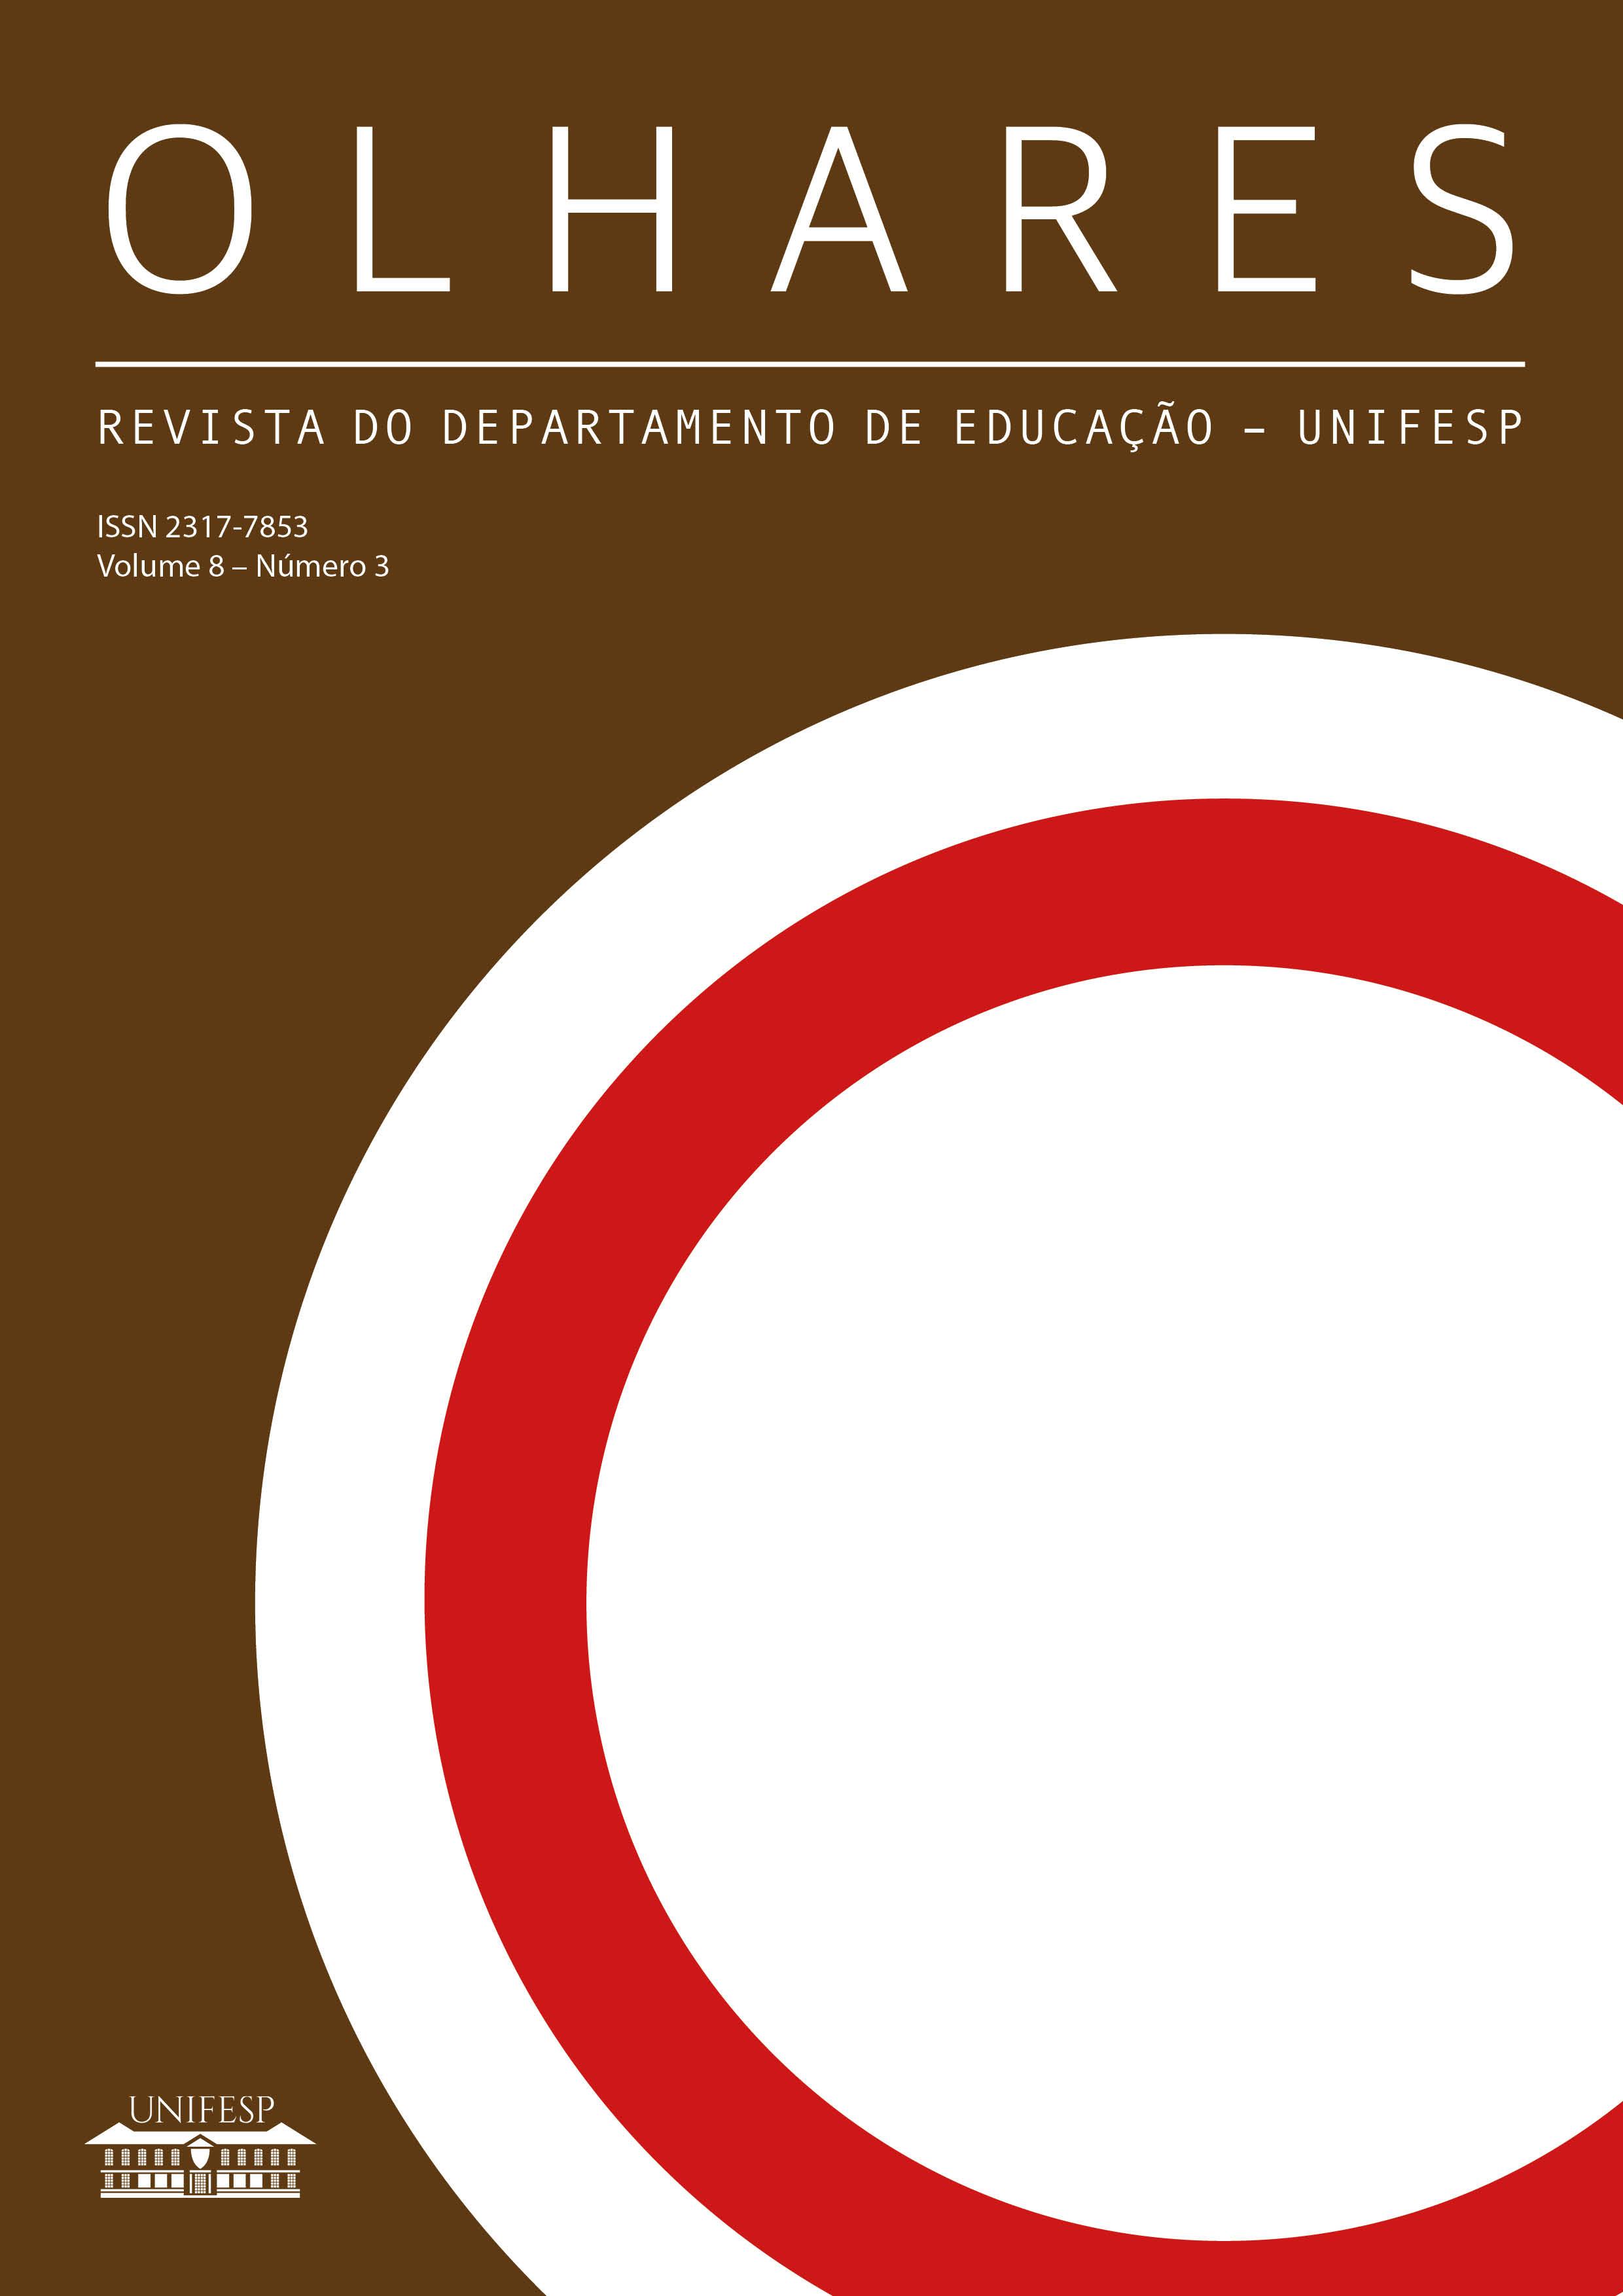 Visualizar v. 8 n. 3 (2020): Revista Olhares - REVISTA DO DEPARTAMENTO DE EDUCAÇÃO - UNIFESP